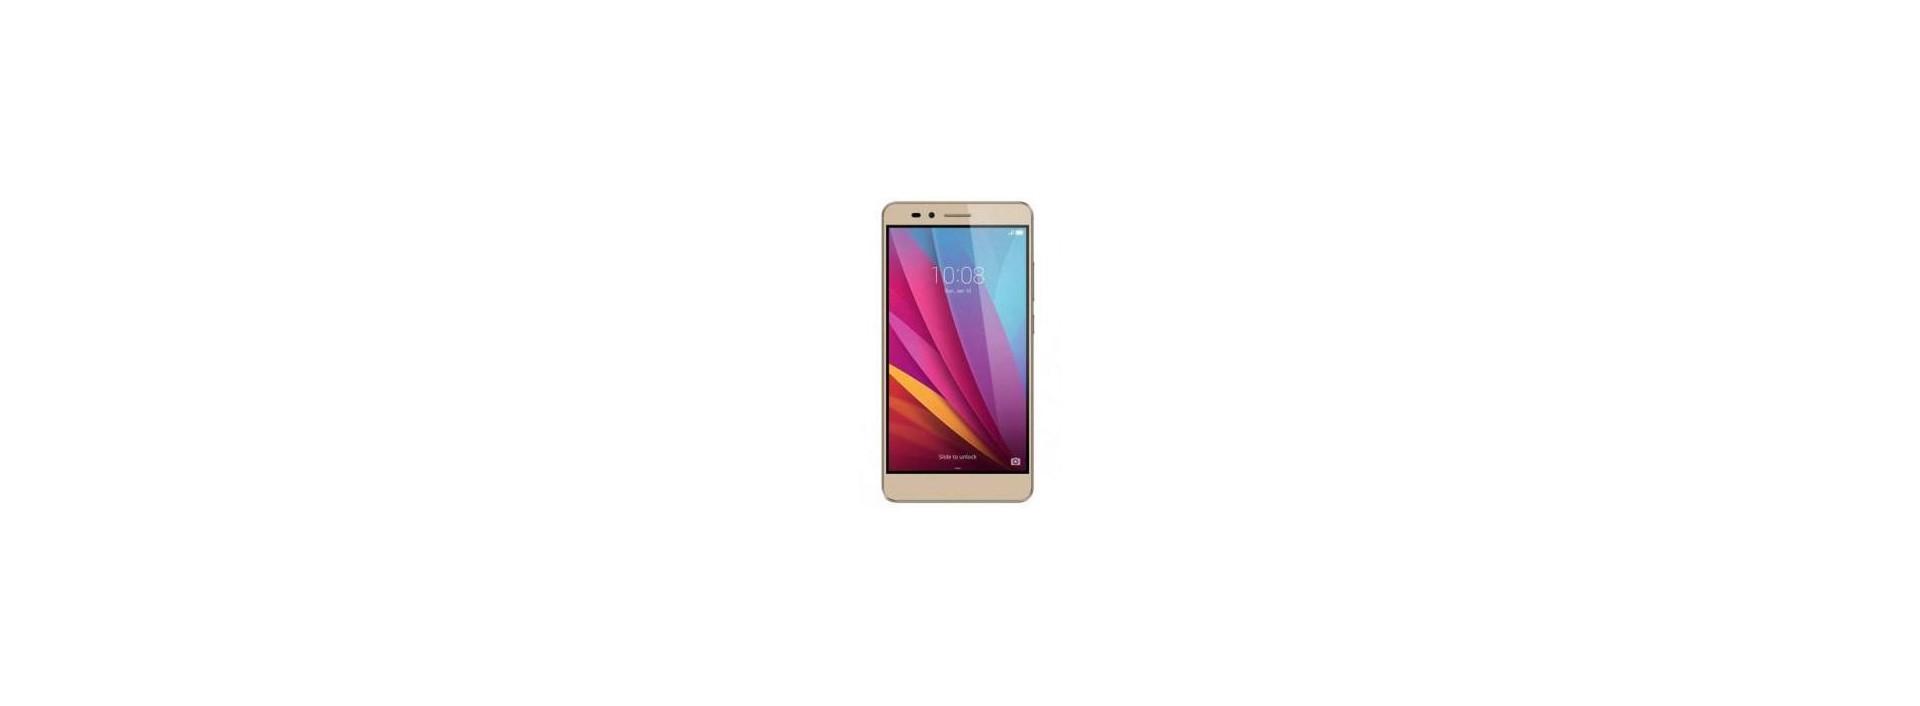 Fundas PERSONALIZADAS Huawei Honor 8, compra ya, Envío Gratis en TMS